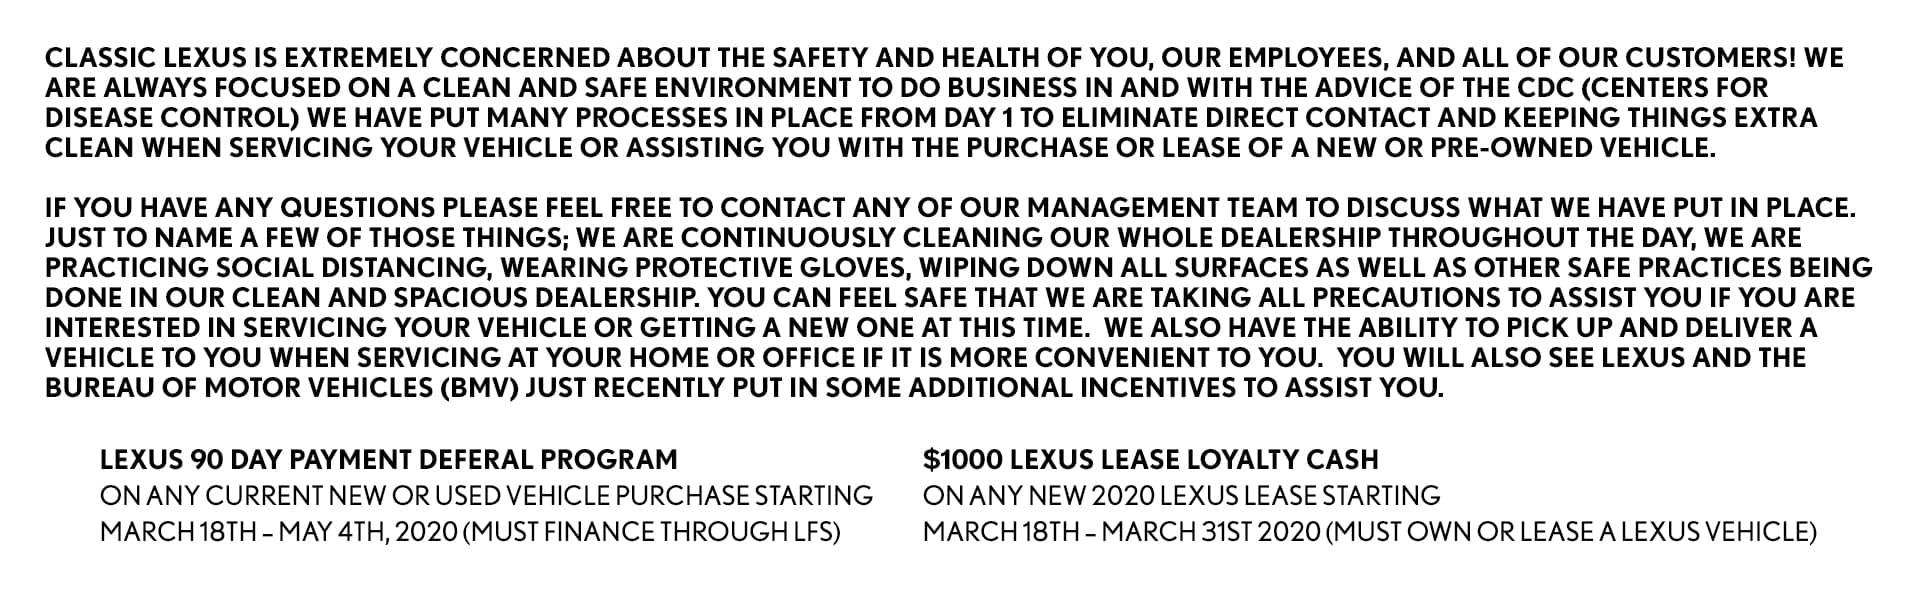 Classic Lexus Cares